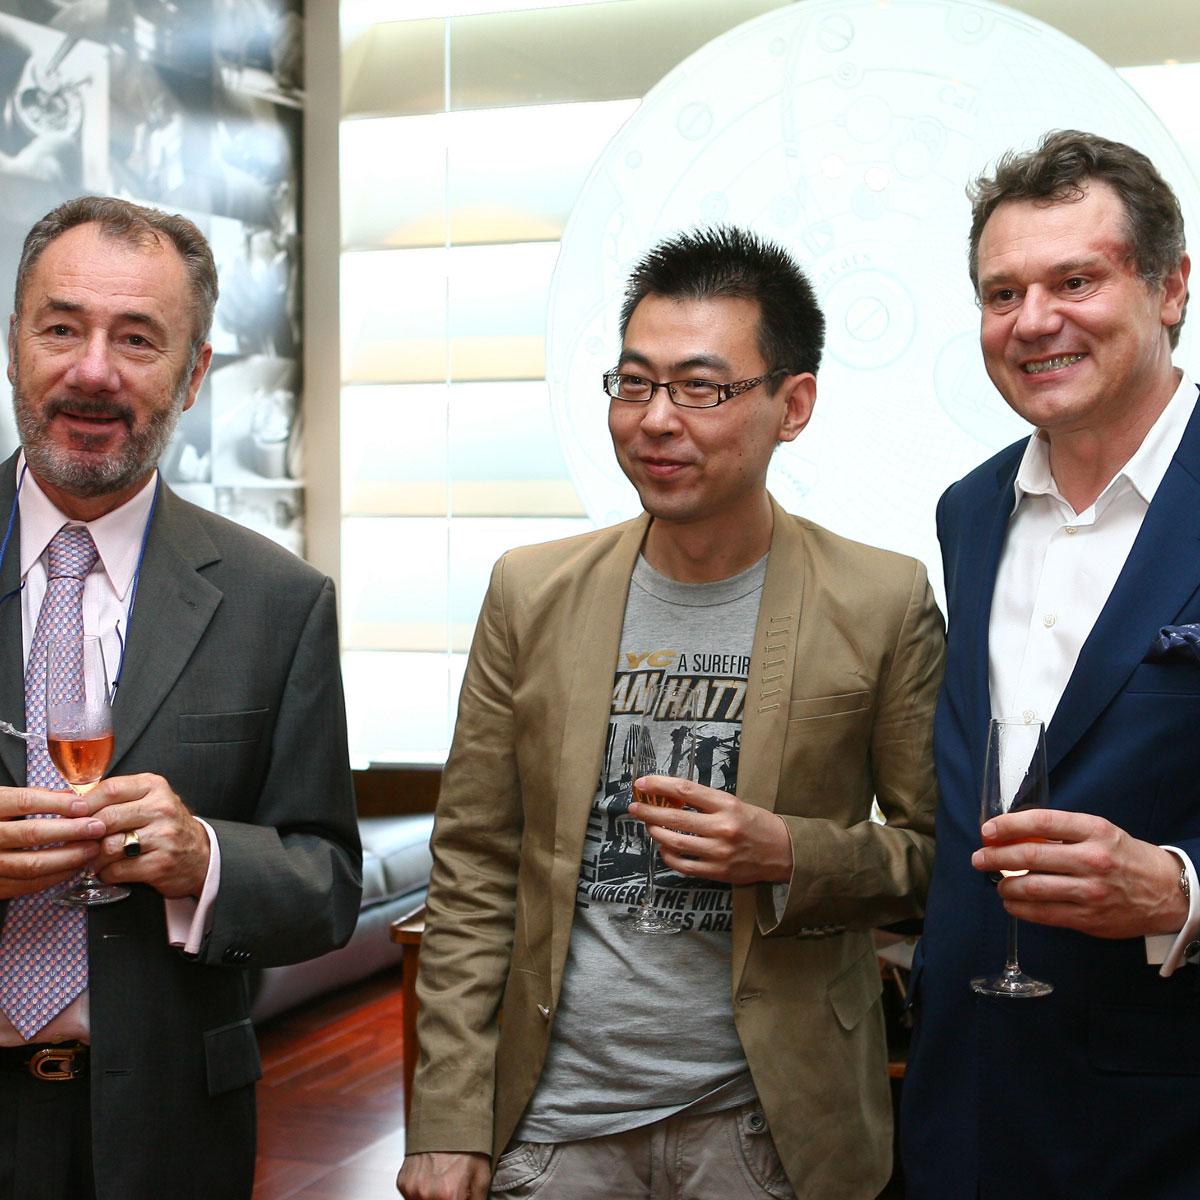 La Cote des Montres : Photo - Cérémonie Officielle d'Ouverture de  la Boutique F.P. Journe à Pékin